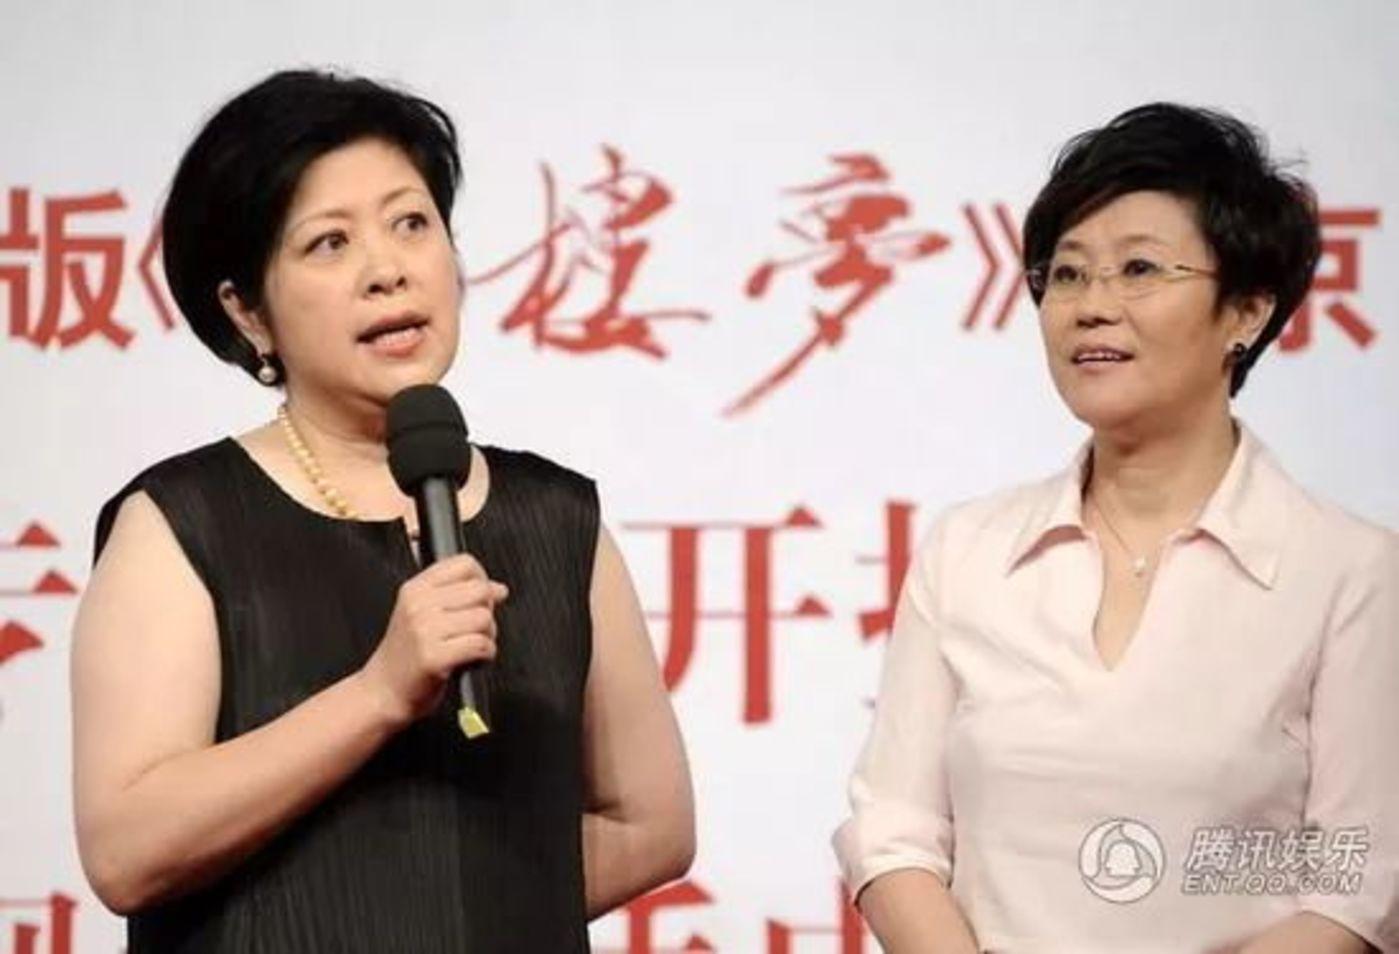 李少红和李小婉(图片来源:腾讯娱乐)